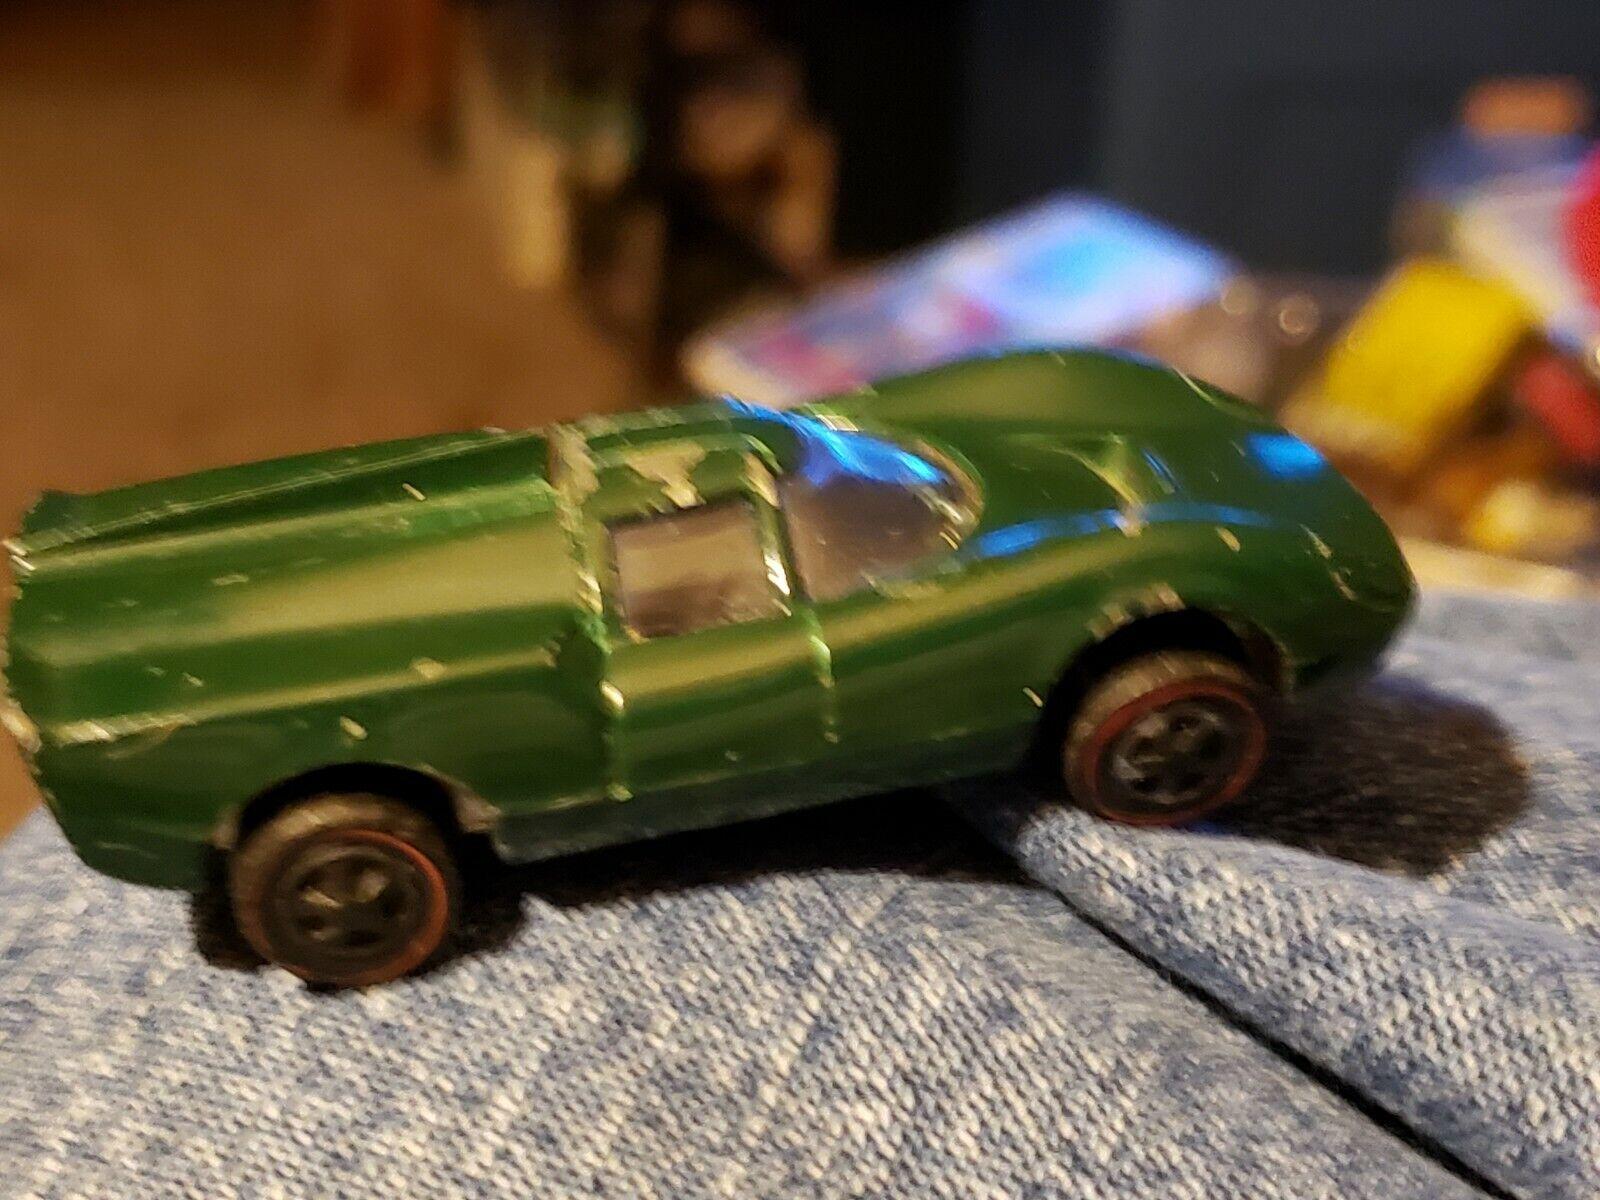 negozio fa acquisti e vendite Caliente Ruedas rossolines rossolines rossolines USA verde Lola GT70  negozio online